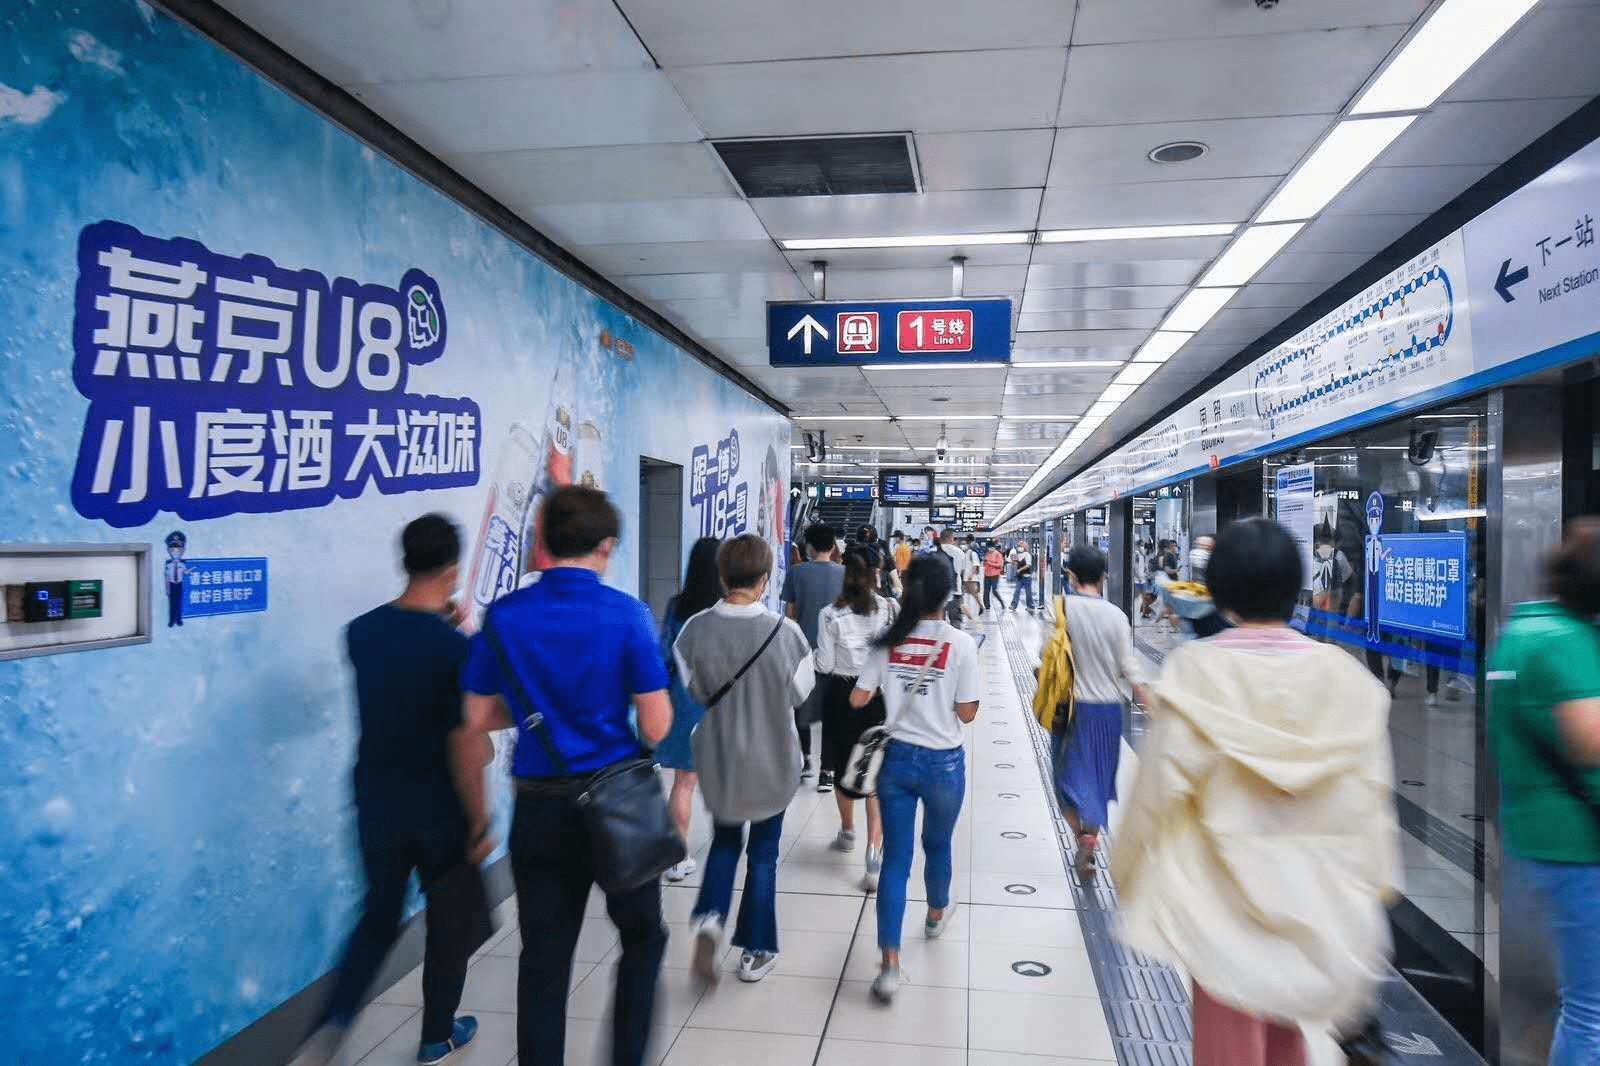 进国贸地铁 上海信电视 燕京啤酒营销创新 推动品牌年轻化转型战略升级